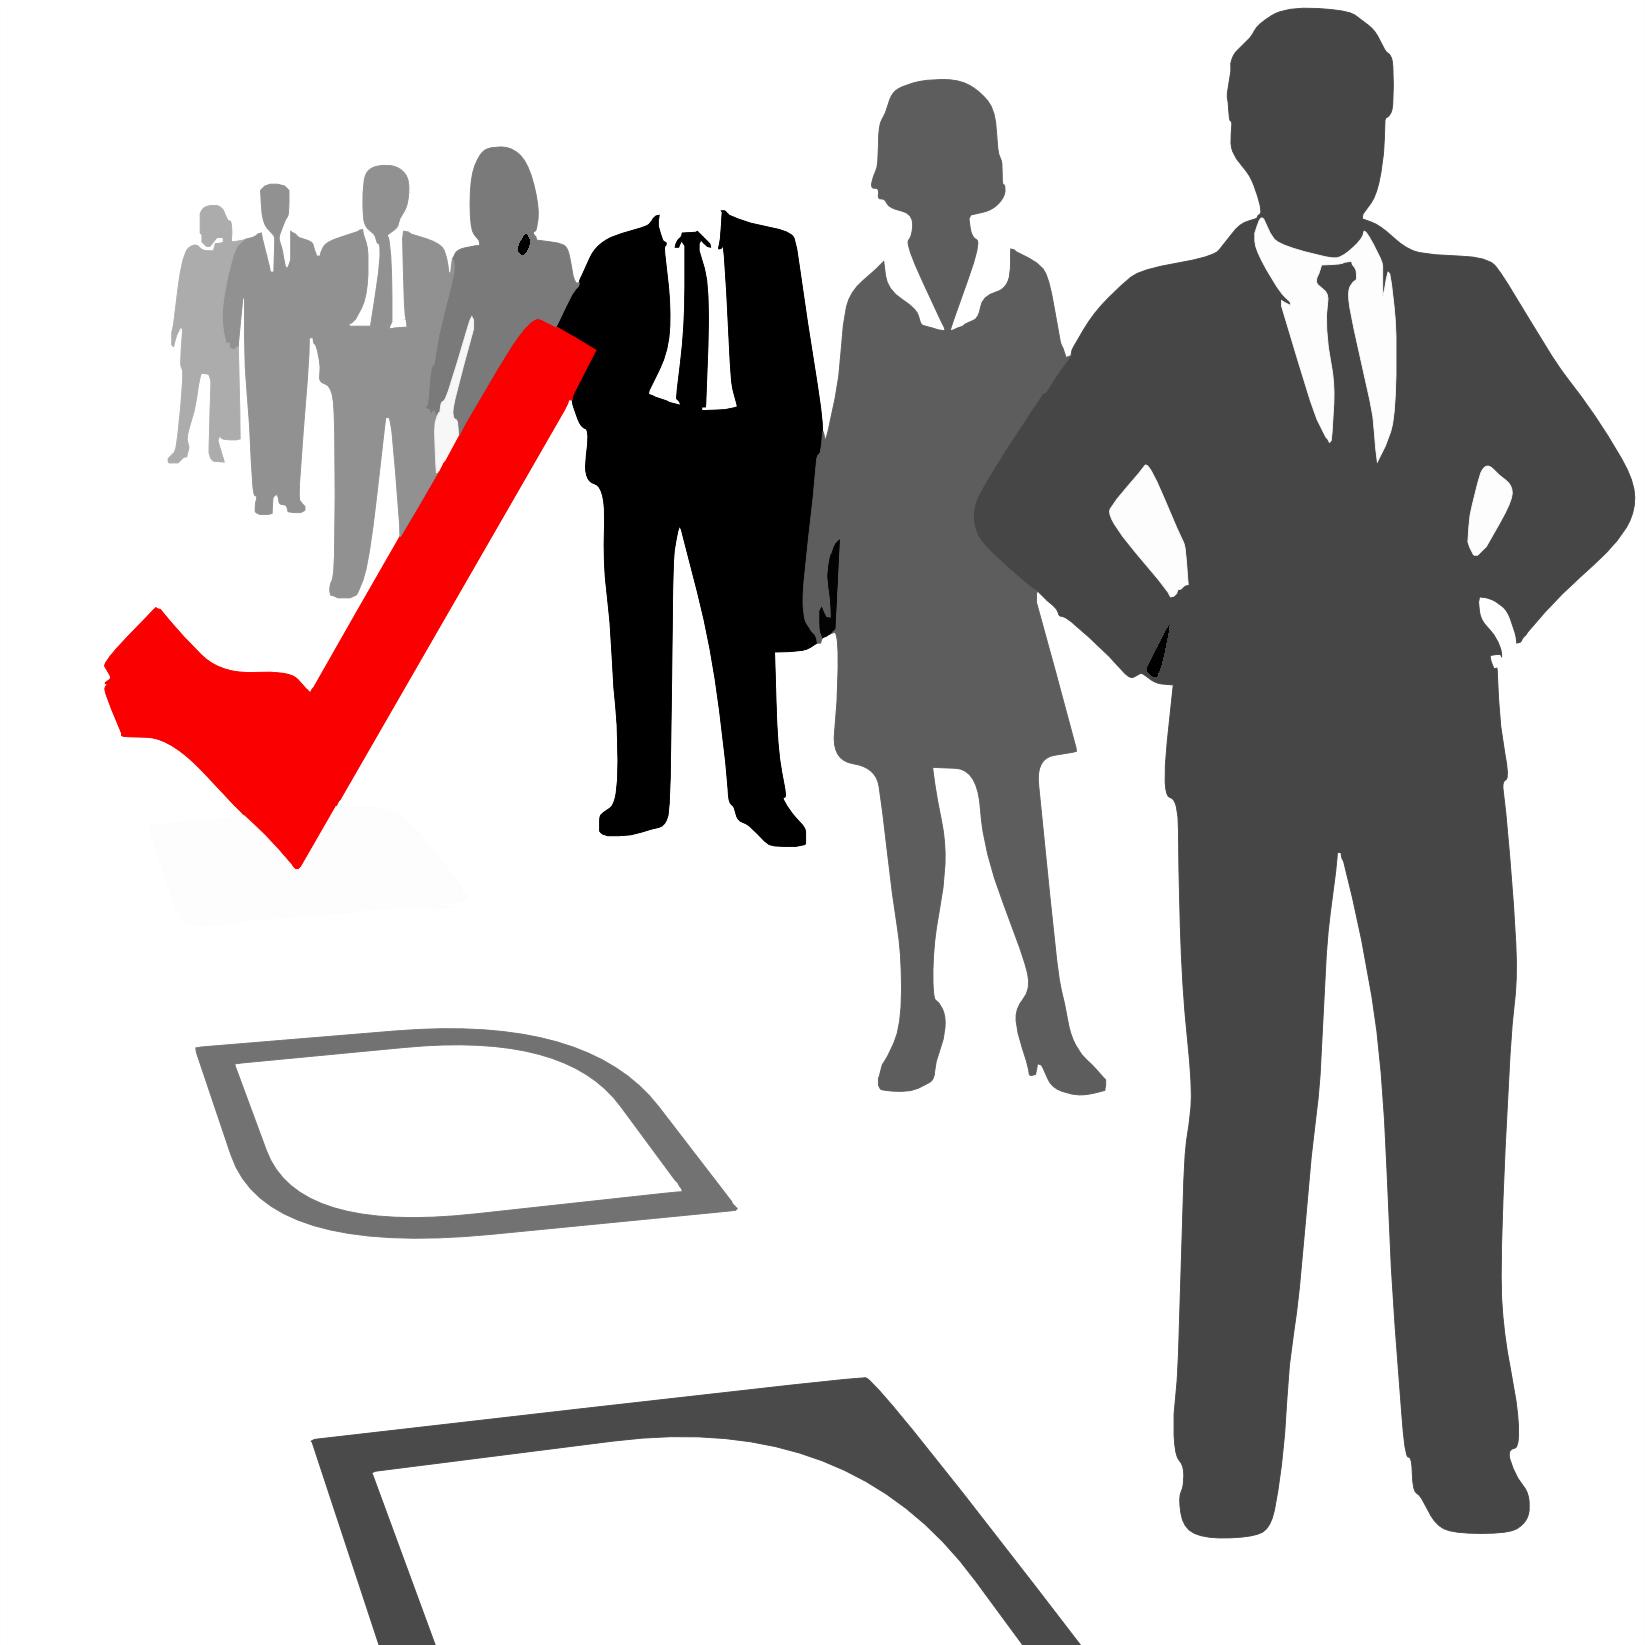 Hledá se kvalitní uchazeč o práci